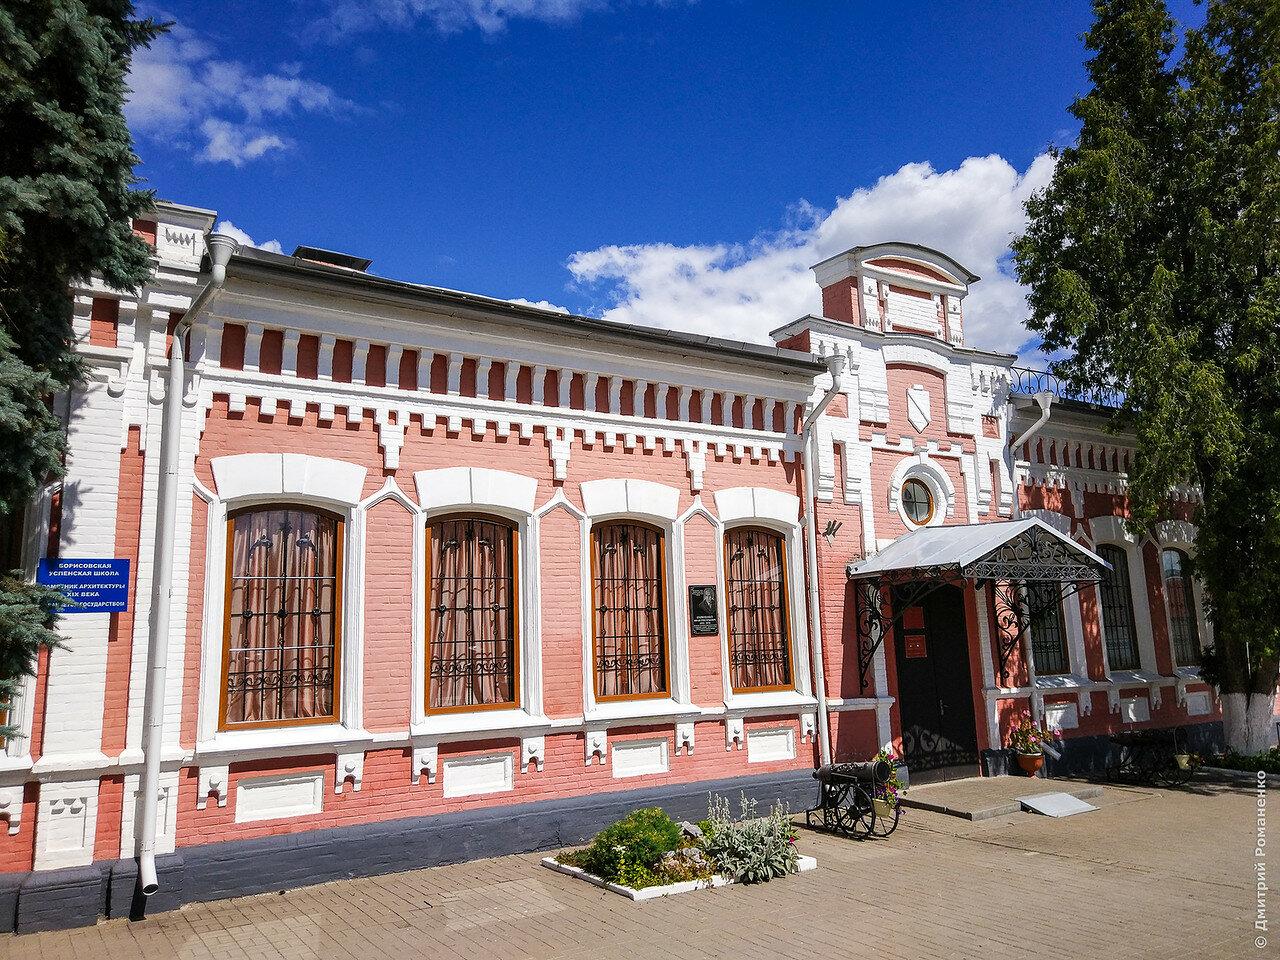 Борисовка, Борисовский район, Белгородская область, Белгородский обозреватель